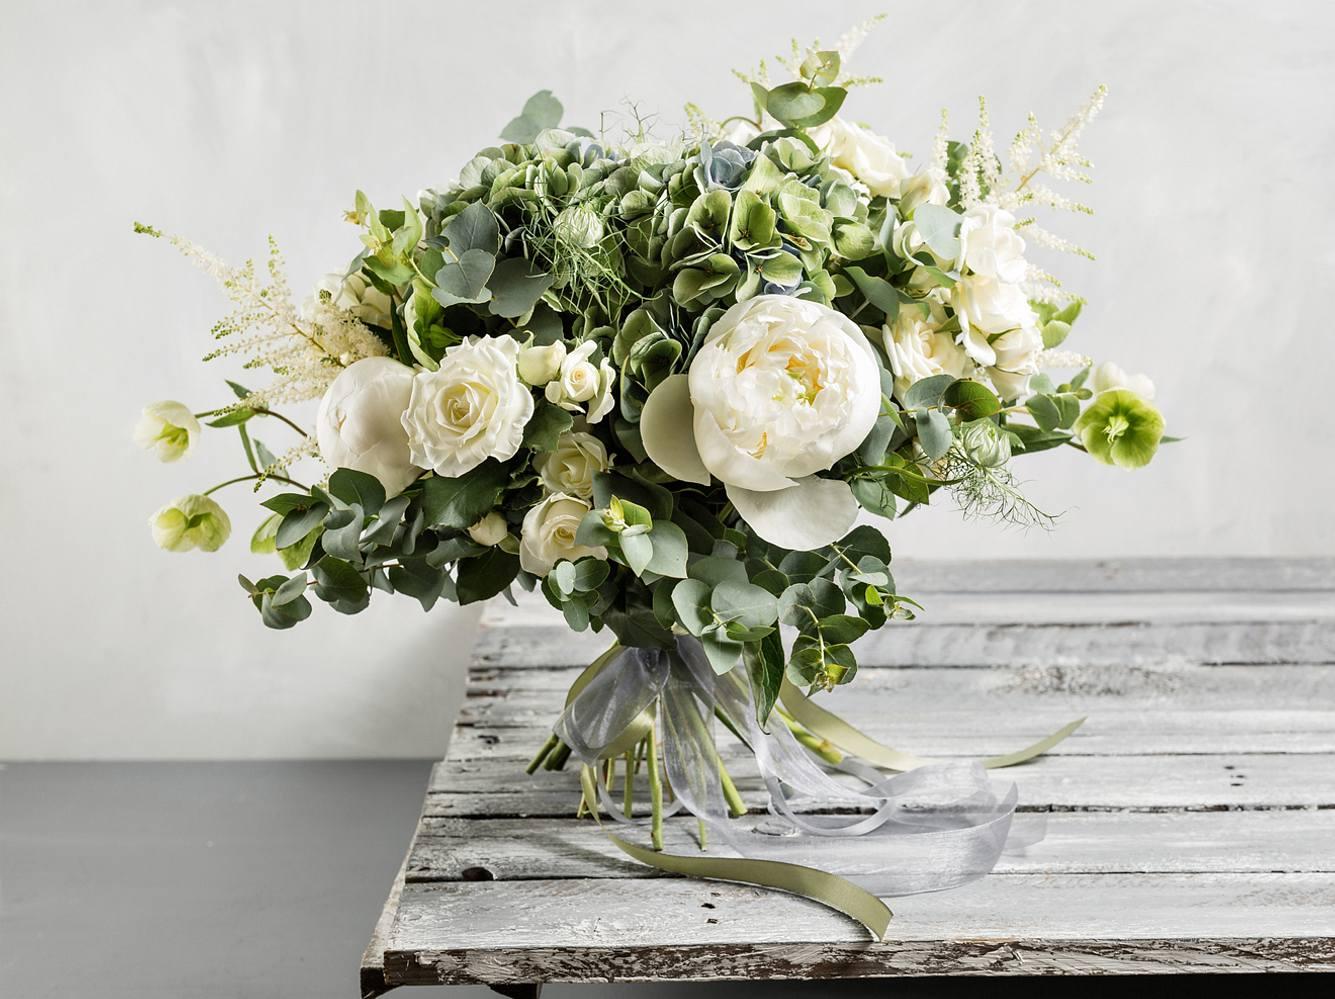 Egal, ob du selbst deinen Brautstrauß wählst oder aber ganz traditionell dein Bräutigam die Entscheidung für die Blumen übernimmt: Das wird dein perfekter Blumenschmuck!